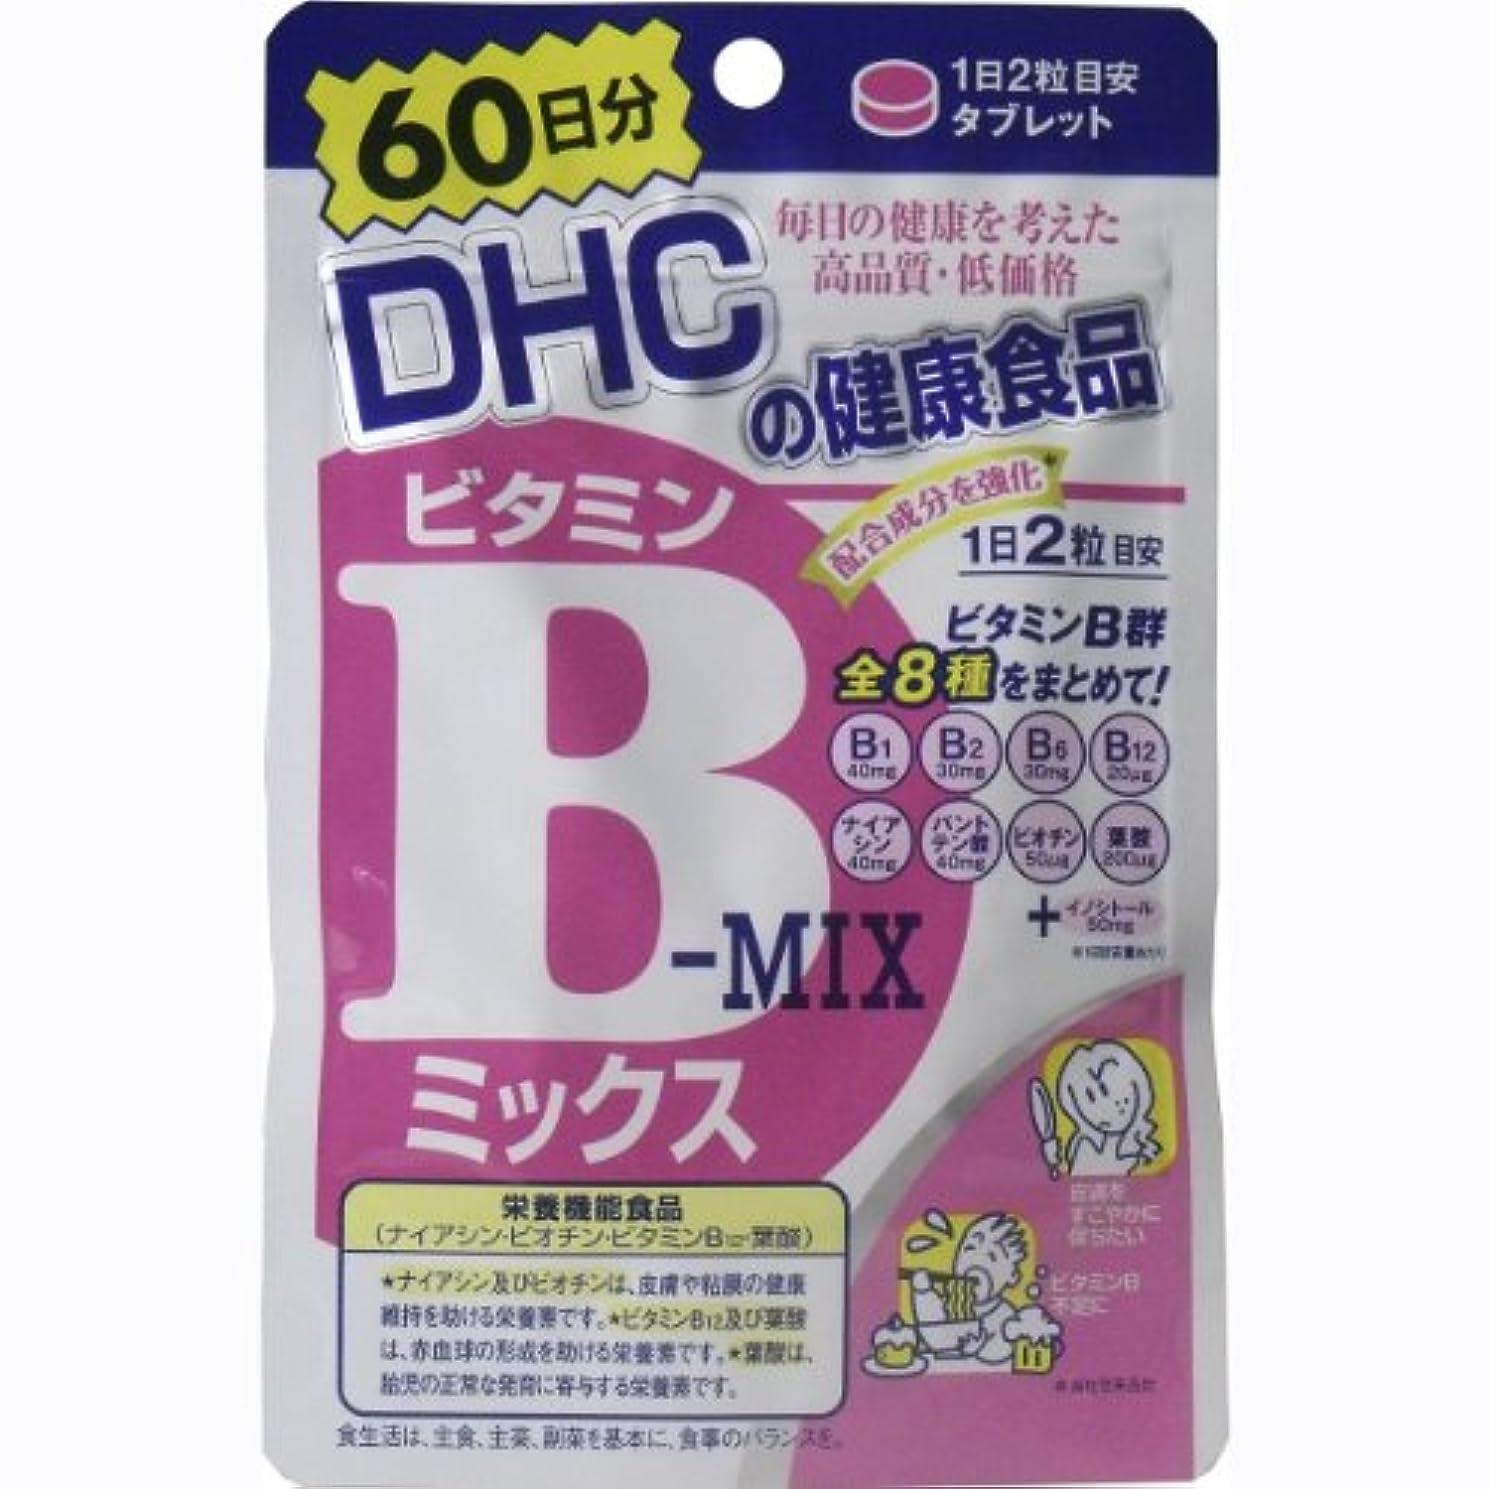 減る列挙するキリスト【まとめ買い】DHC ビタミンBミックス 60日分 120粒 ×2セット